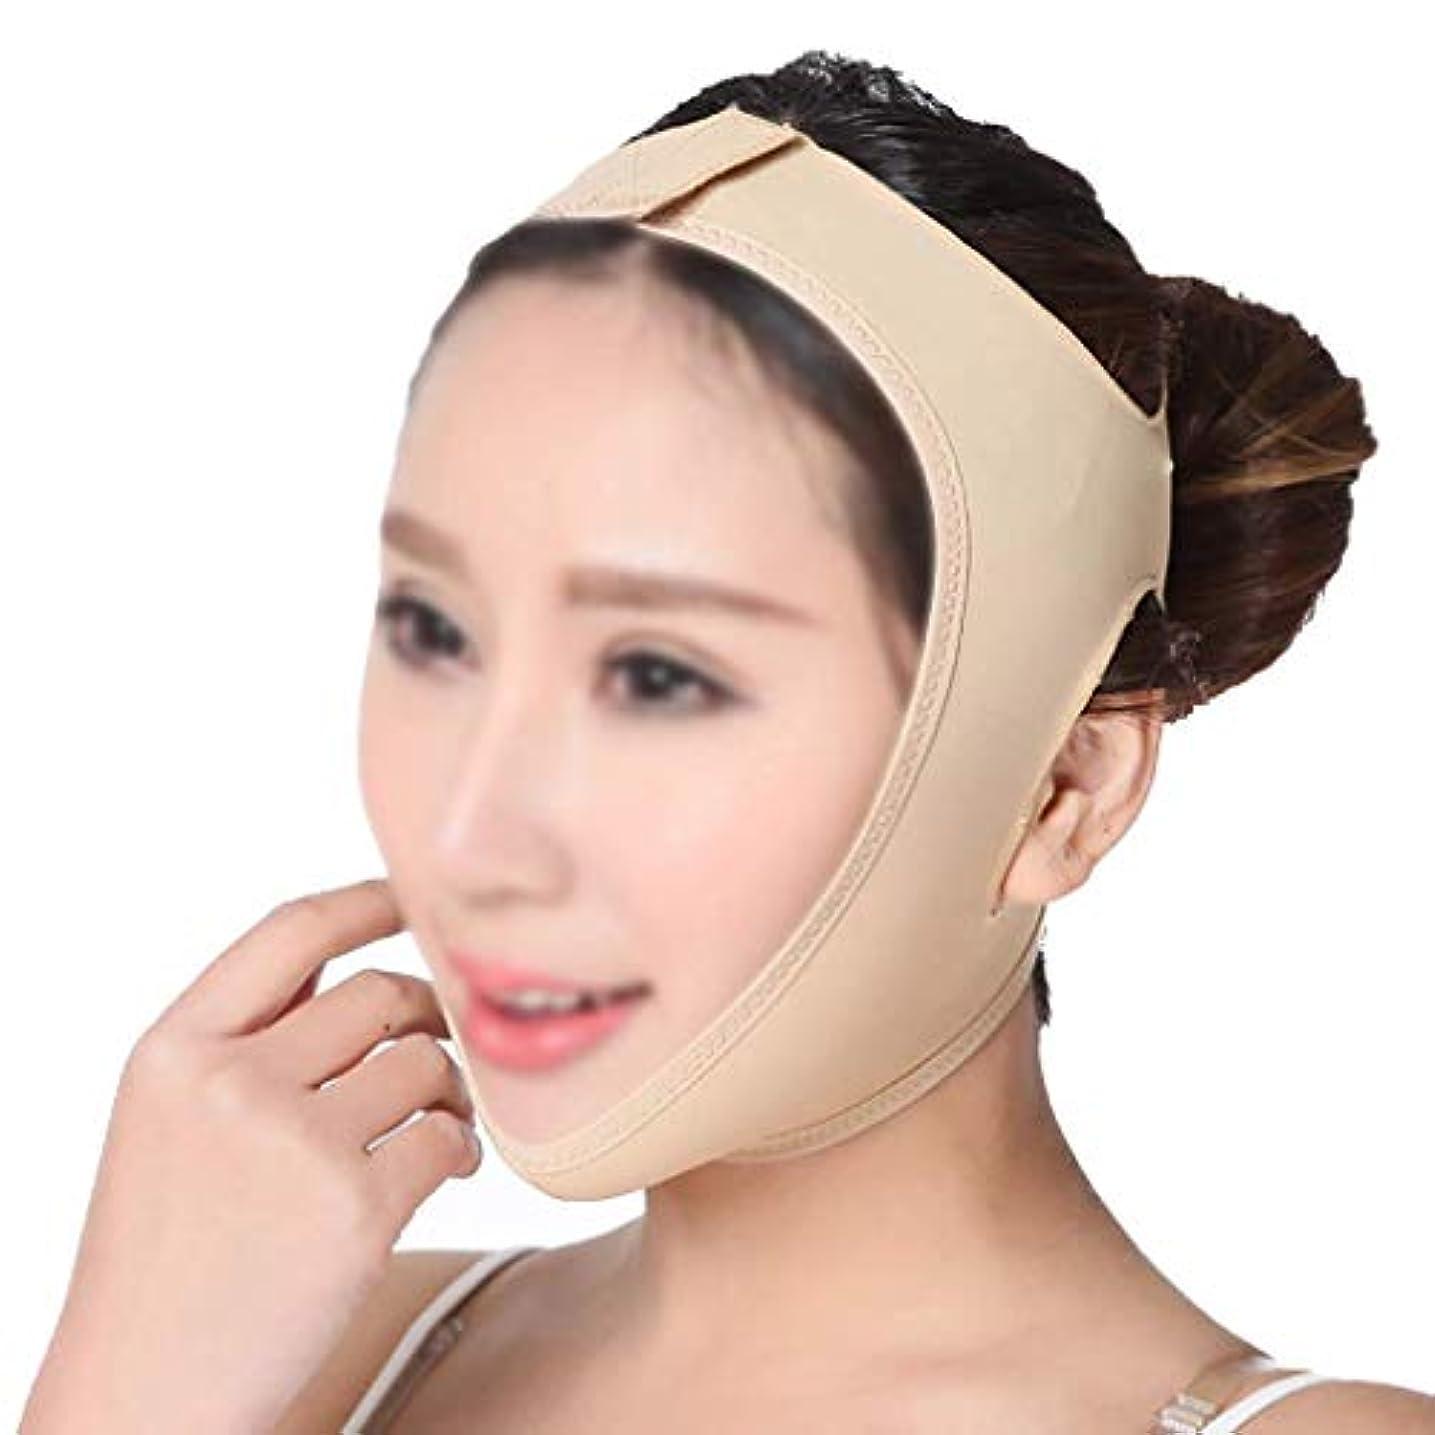 終わりオンスたまにフェイスリフティングマスク、持ち上がるあごと顔の肌、垂れ下がるのを防ぐ頬、快適で通気性のある生地、詰め物にすることを拒否、着用しやすい(サイズ:XL)